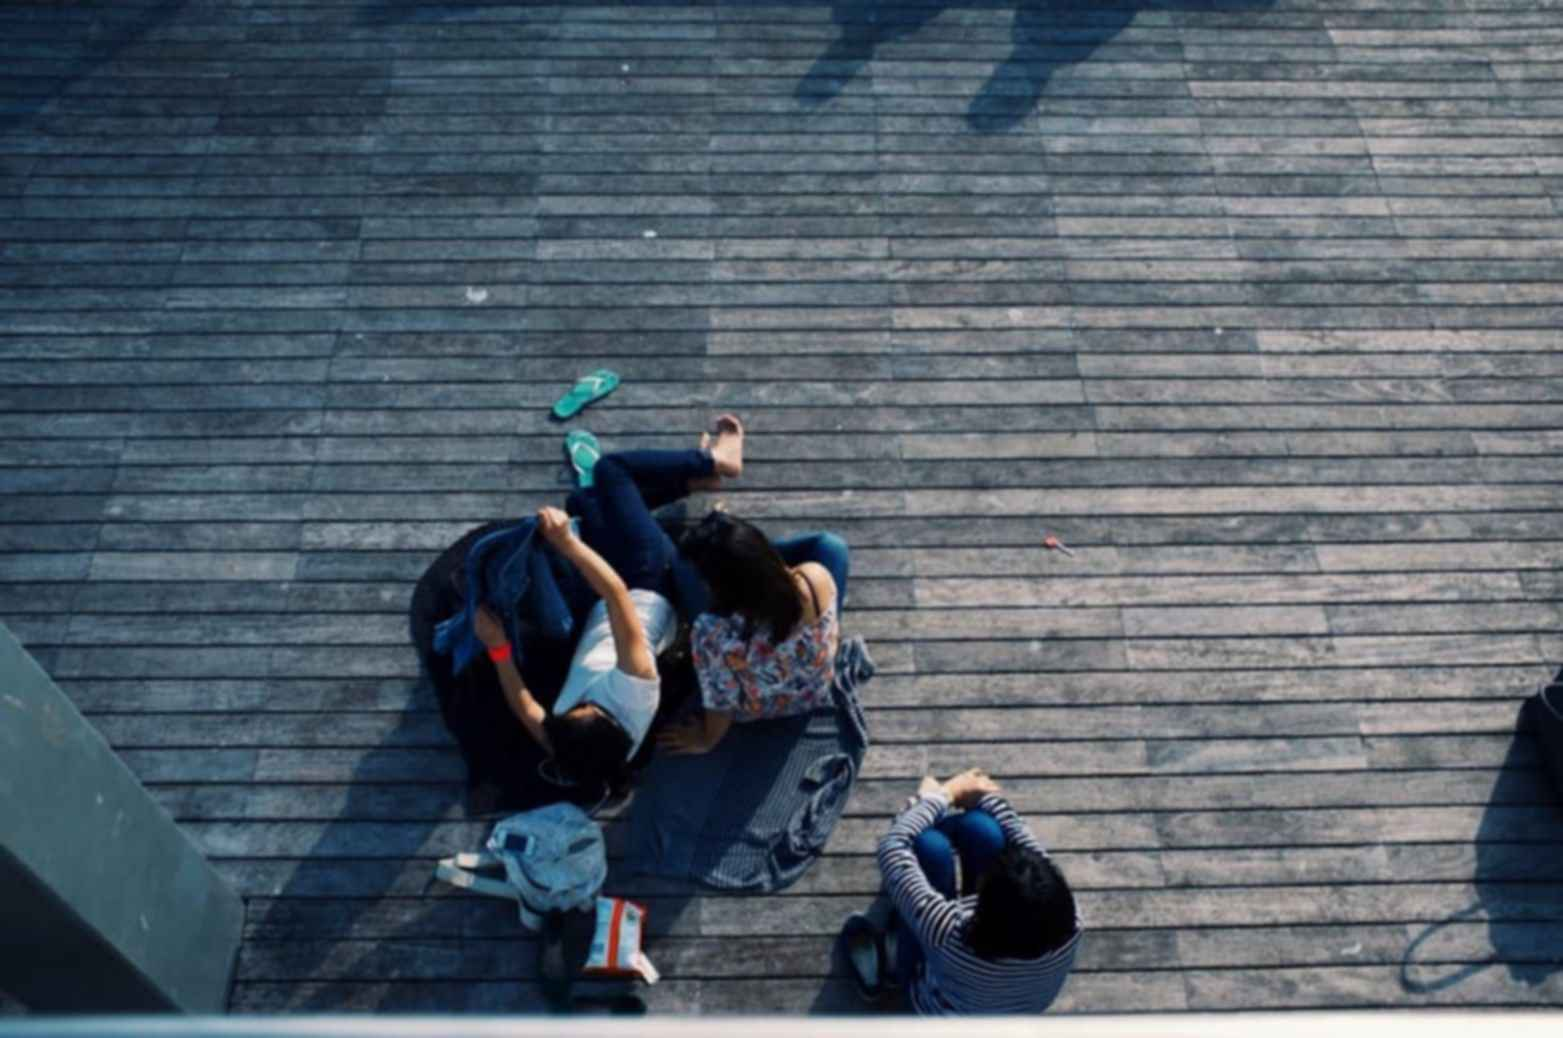 Outdoor wooden flooring